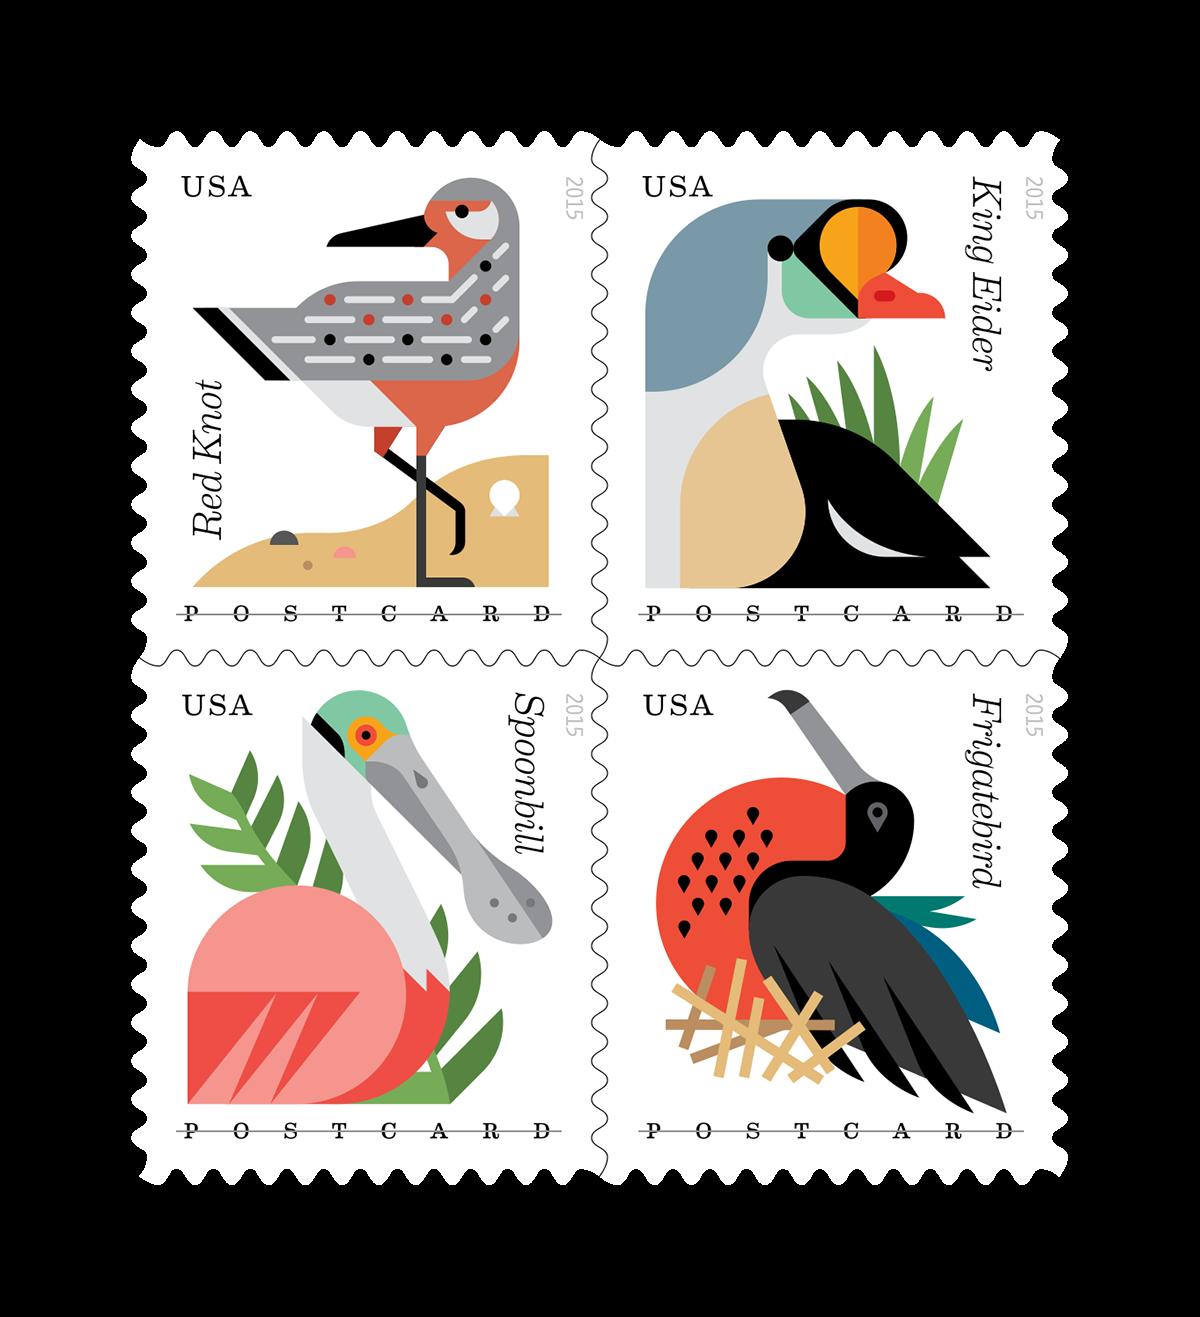 Stamp clipart postage stamp. Usps stamps coastal birds